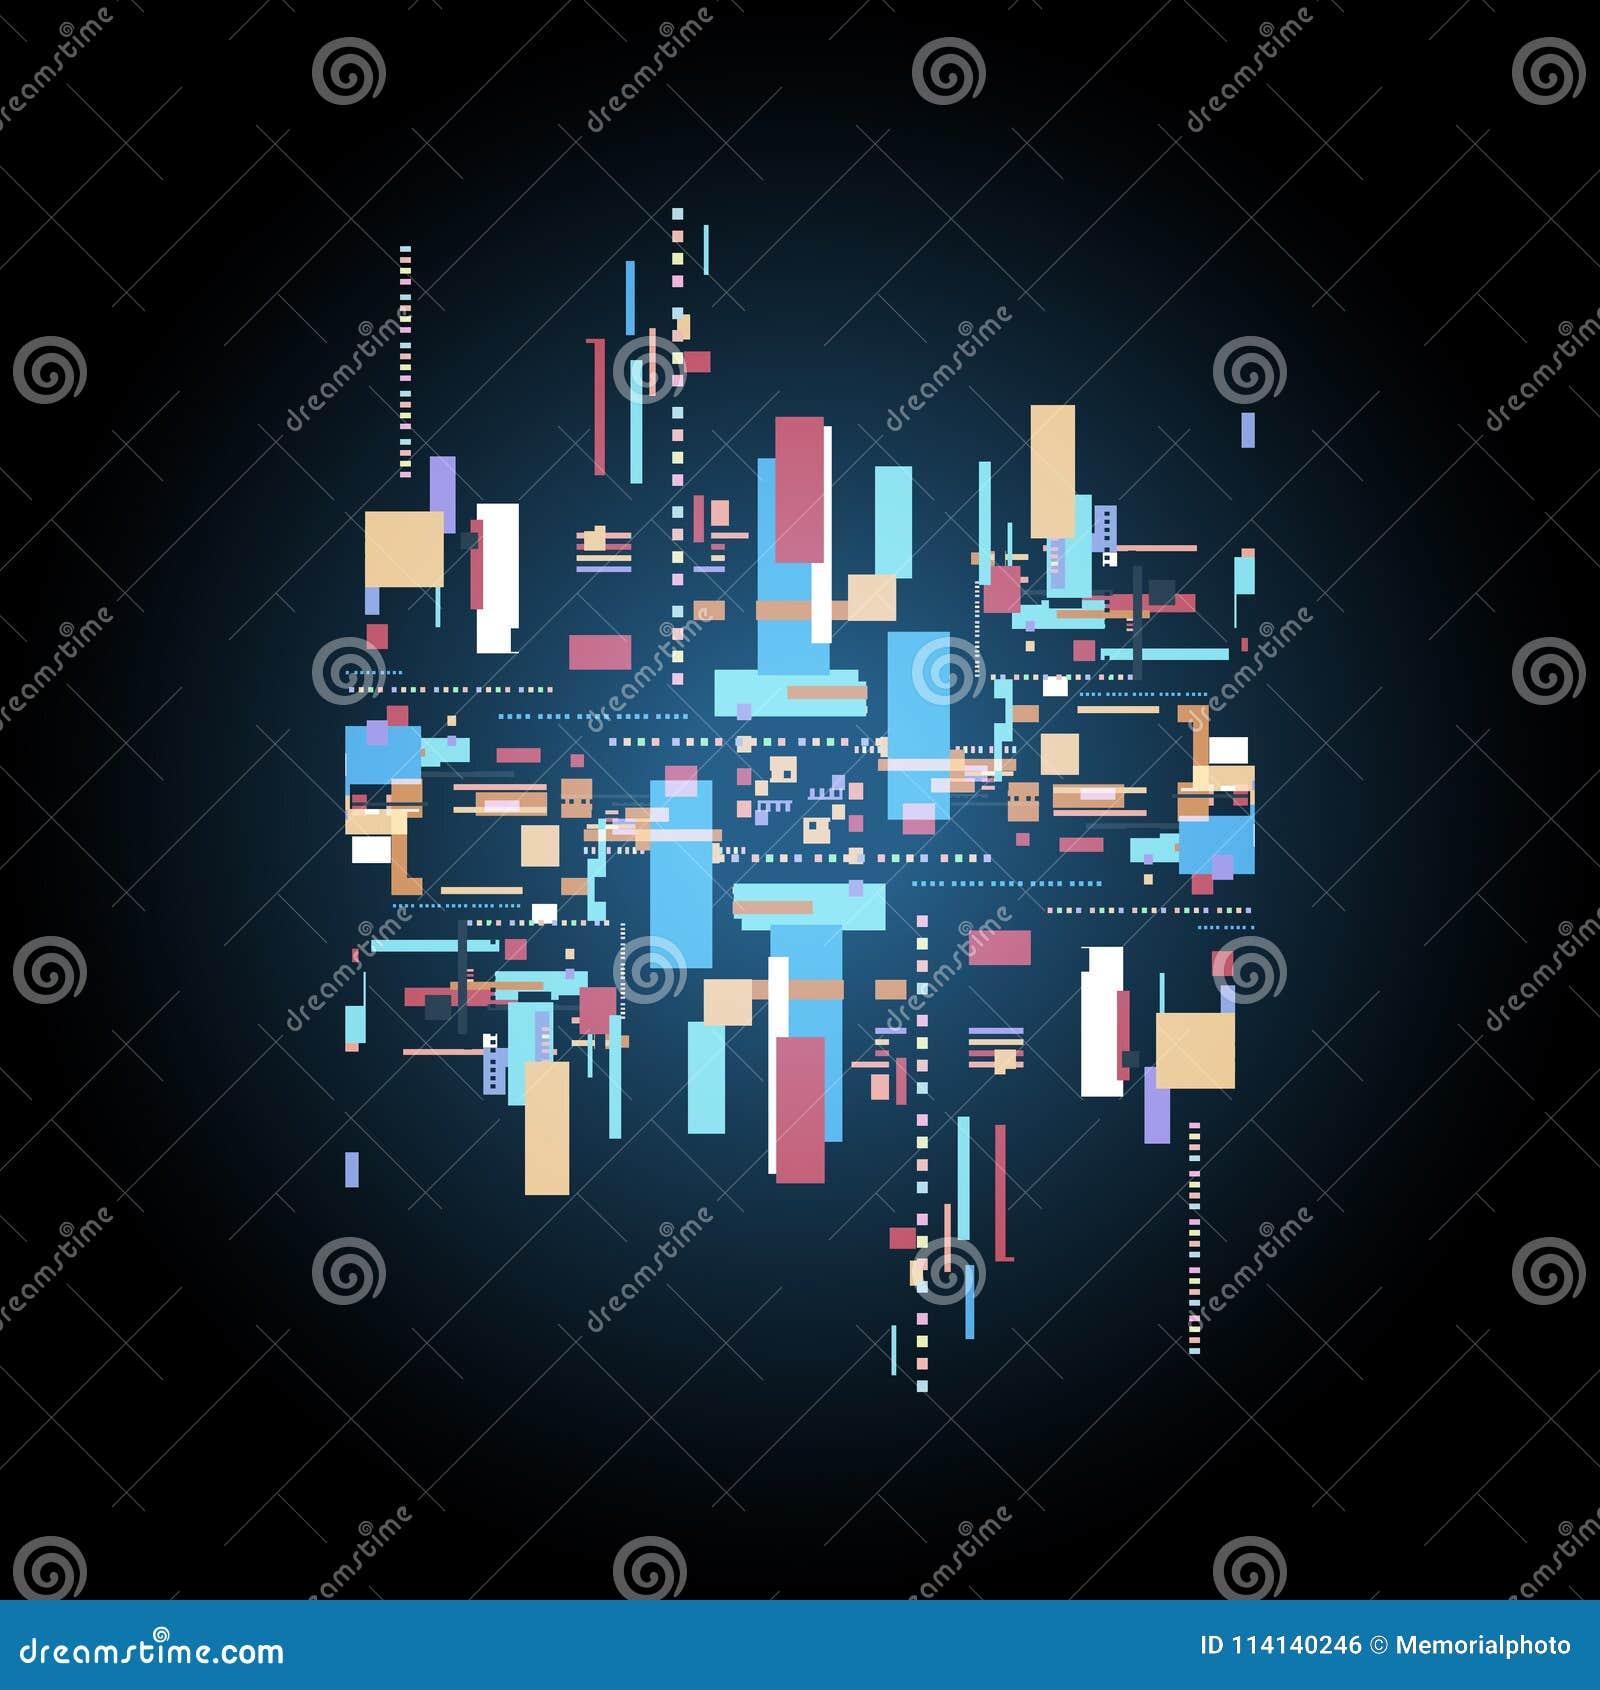 Circuito Eletronico : Fundo abstrato da informática digital circuito eletrônico